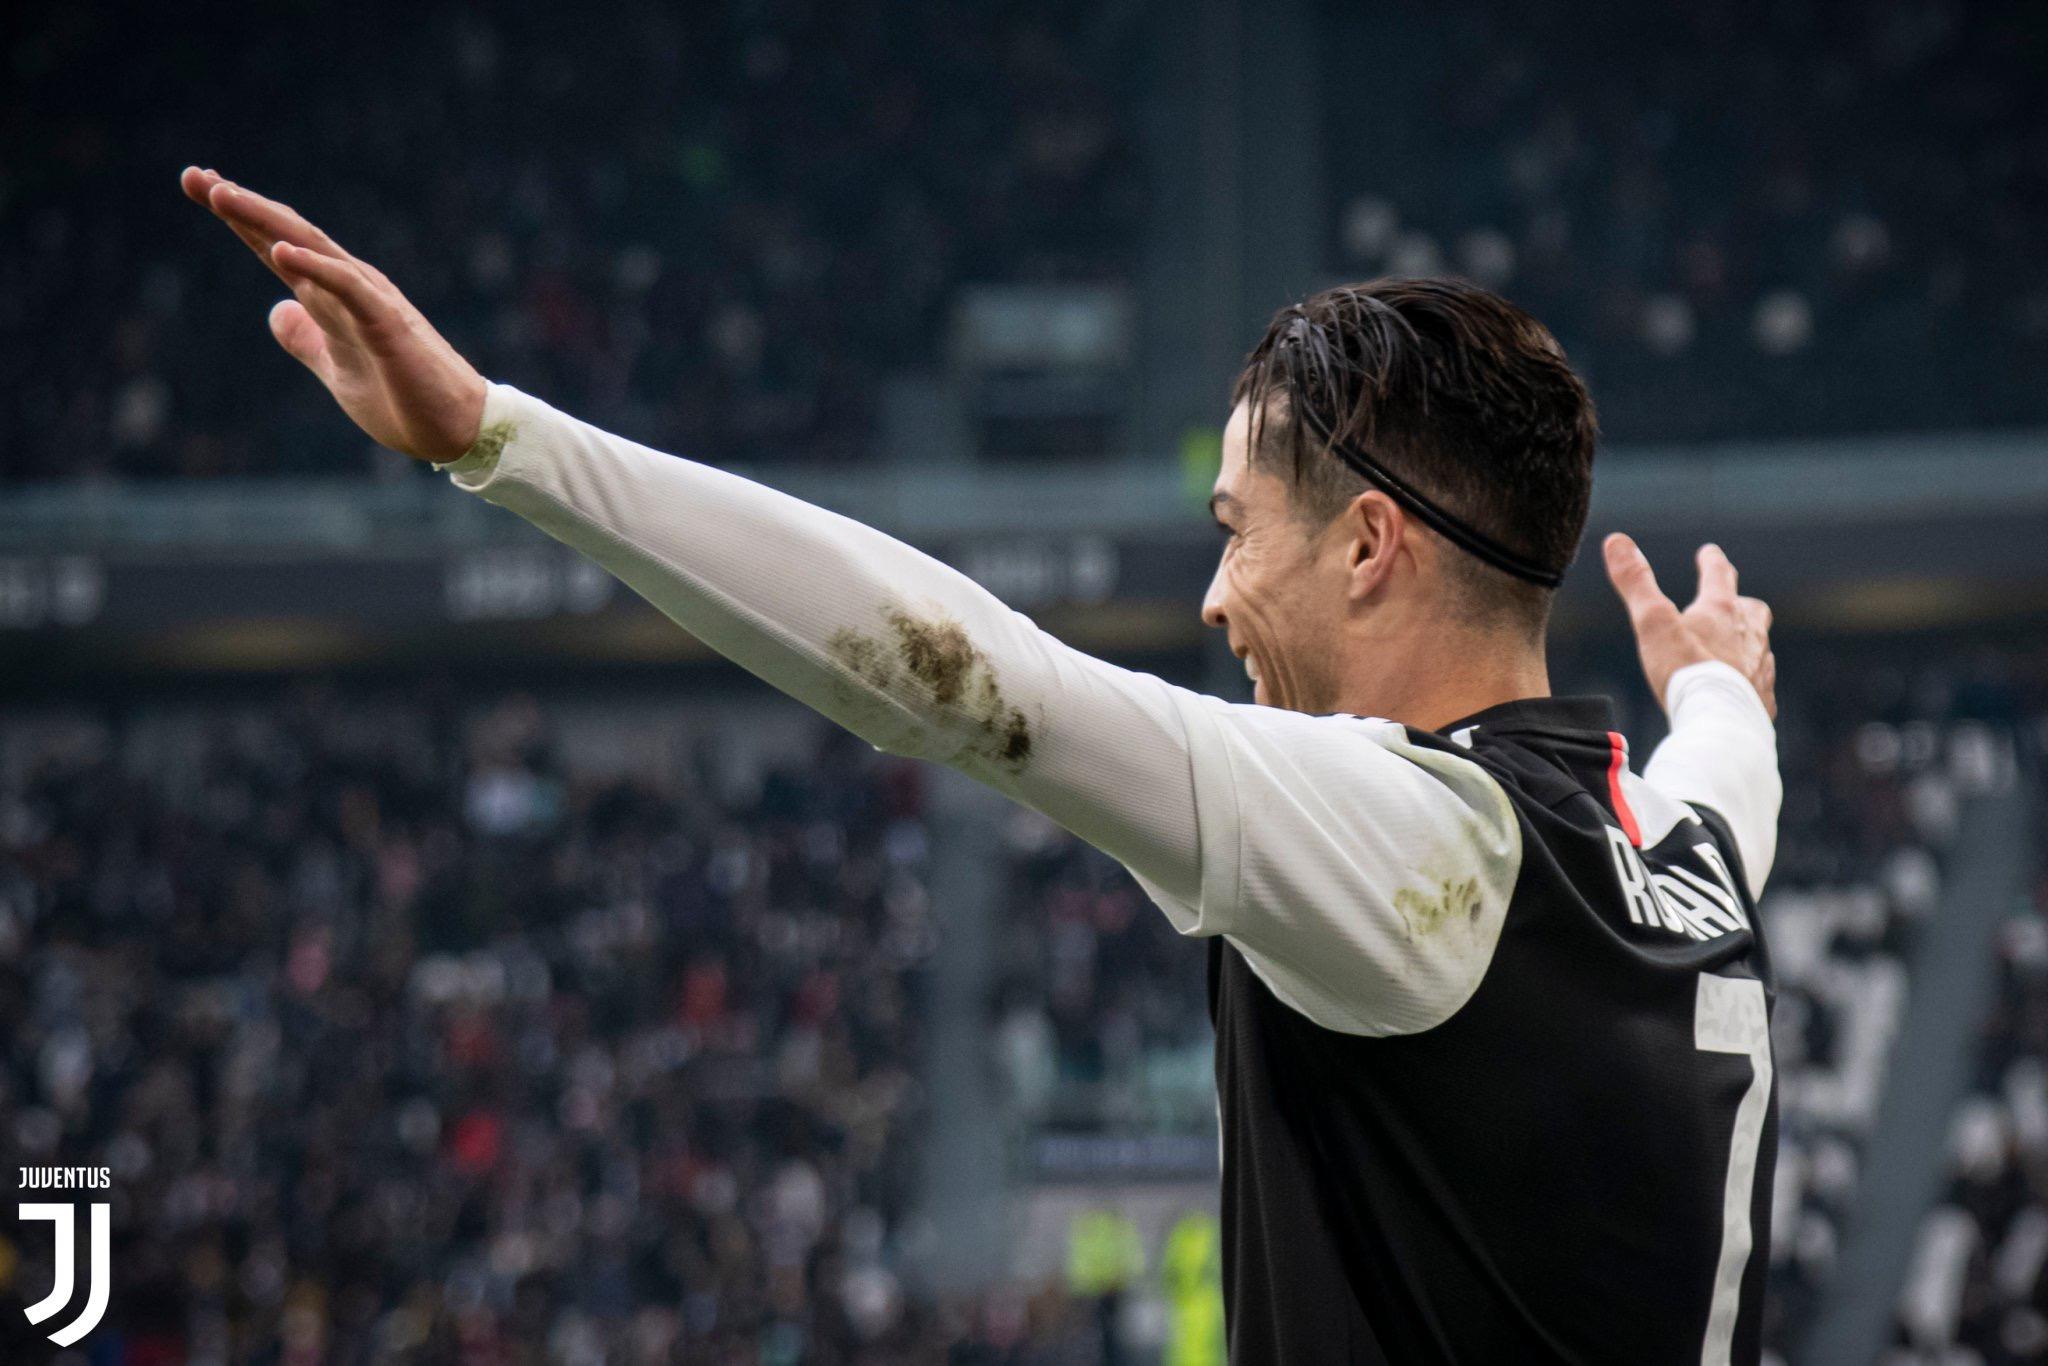 #SerieA - Le Juventus reprend la tête grâce au doublé de CR7